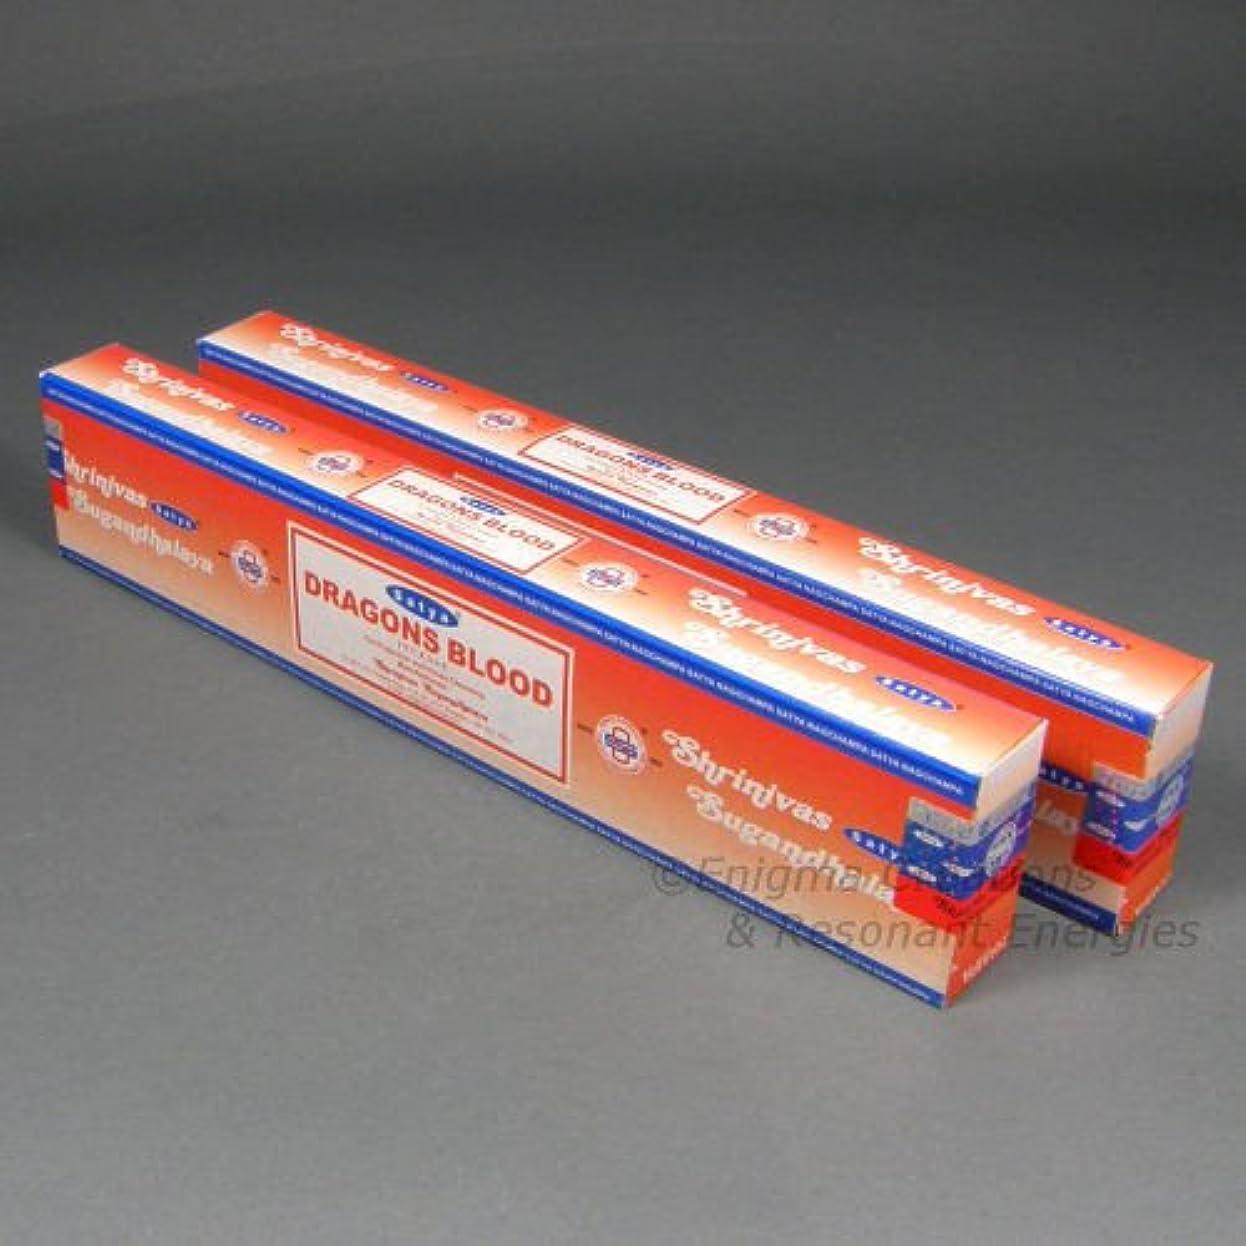 パウダー線あまりにもSatya Dragon 's Blood Incense Sticks, 2 x 15グラムボックス、合計30グラム – (in239 )